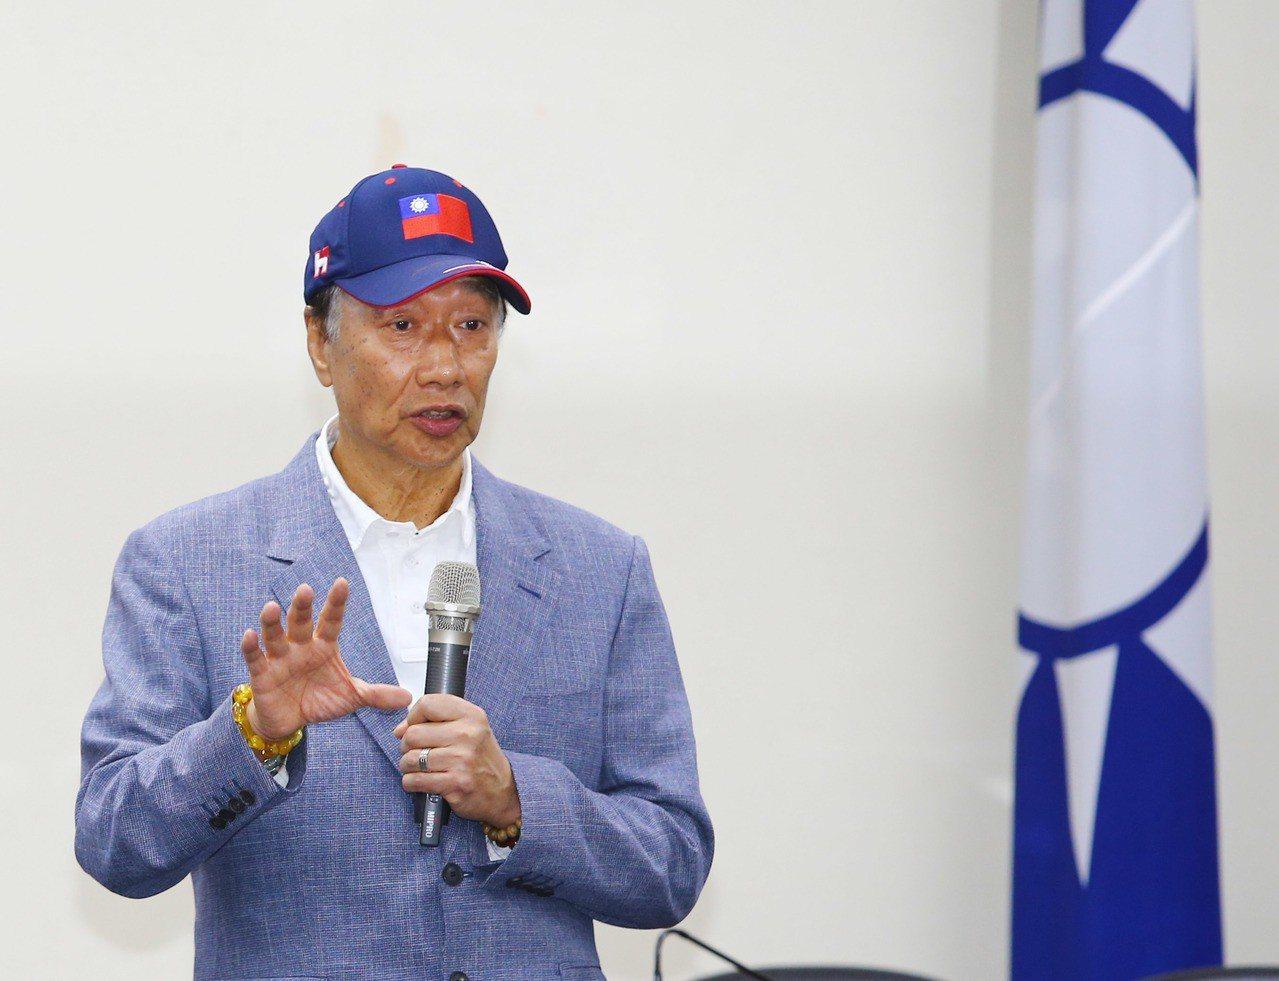 鴻海董事長郭台銘宣布參選總統,激勵鴻海股價。 記者陳柏亨/攝影